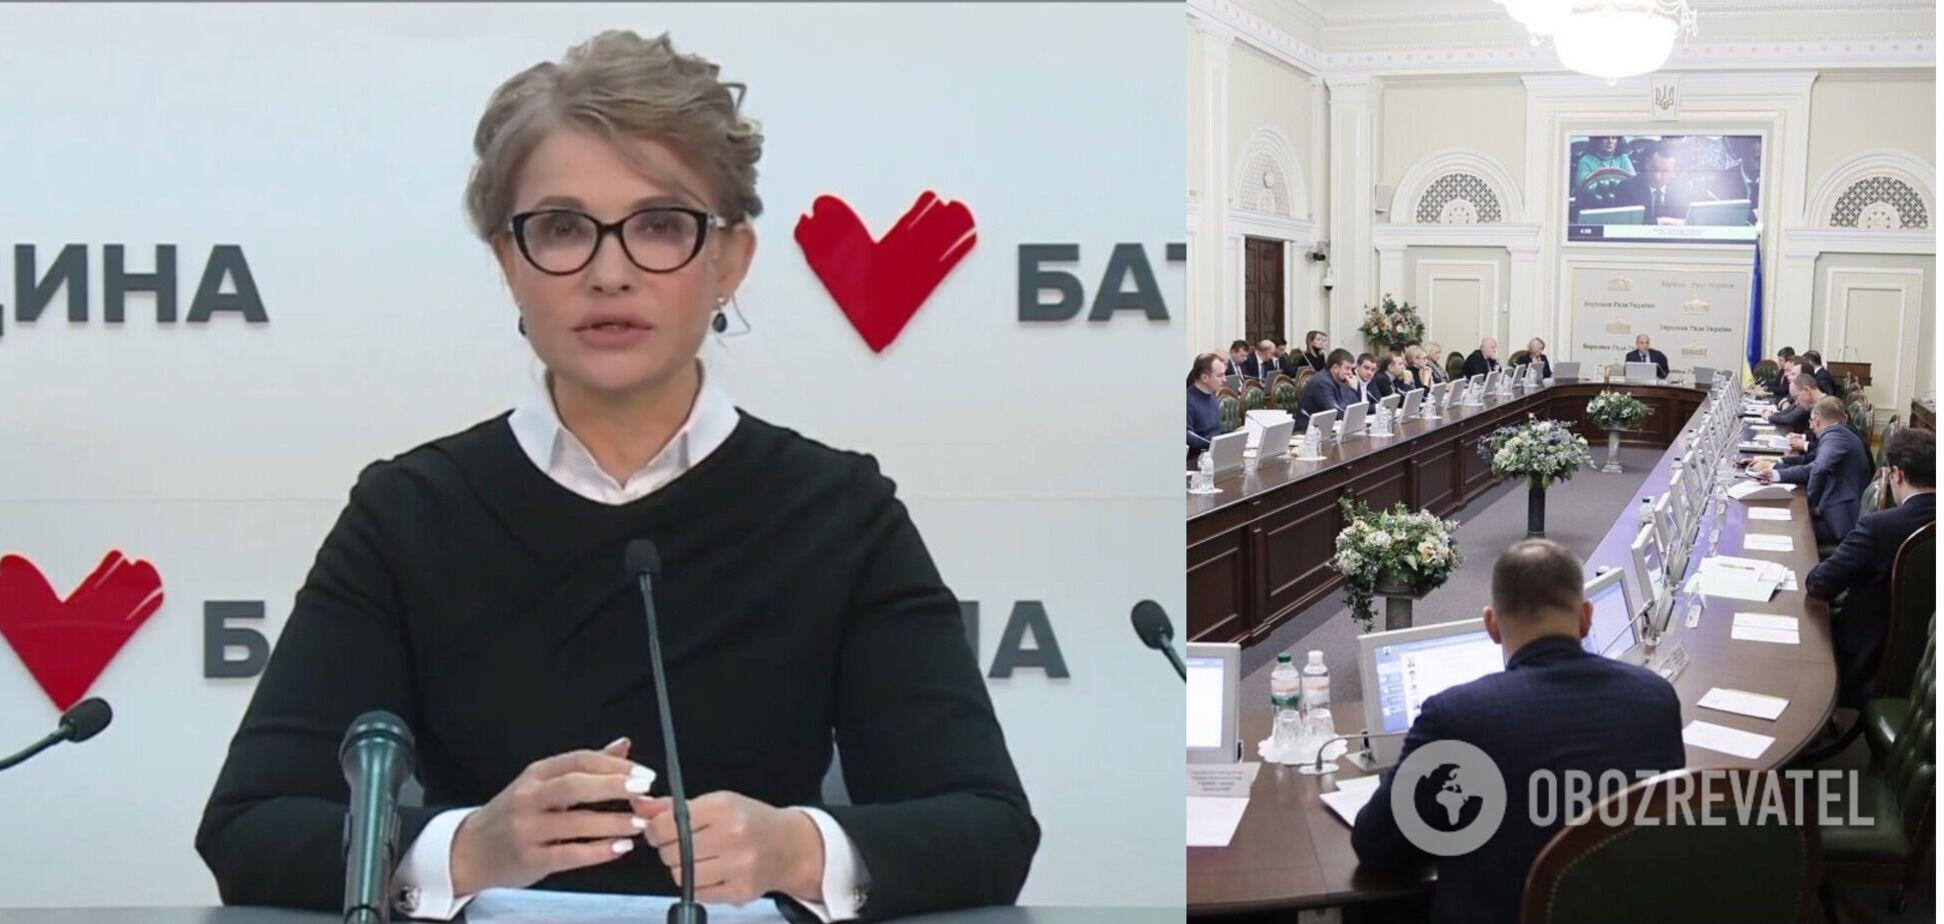 Тимошенко единственная среди политиков предупреждает об угрозах энергетического кризиса